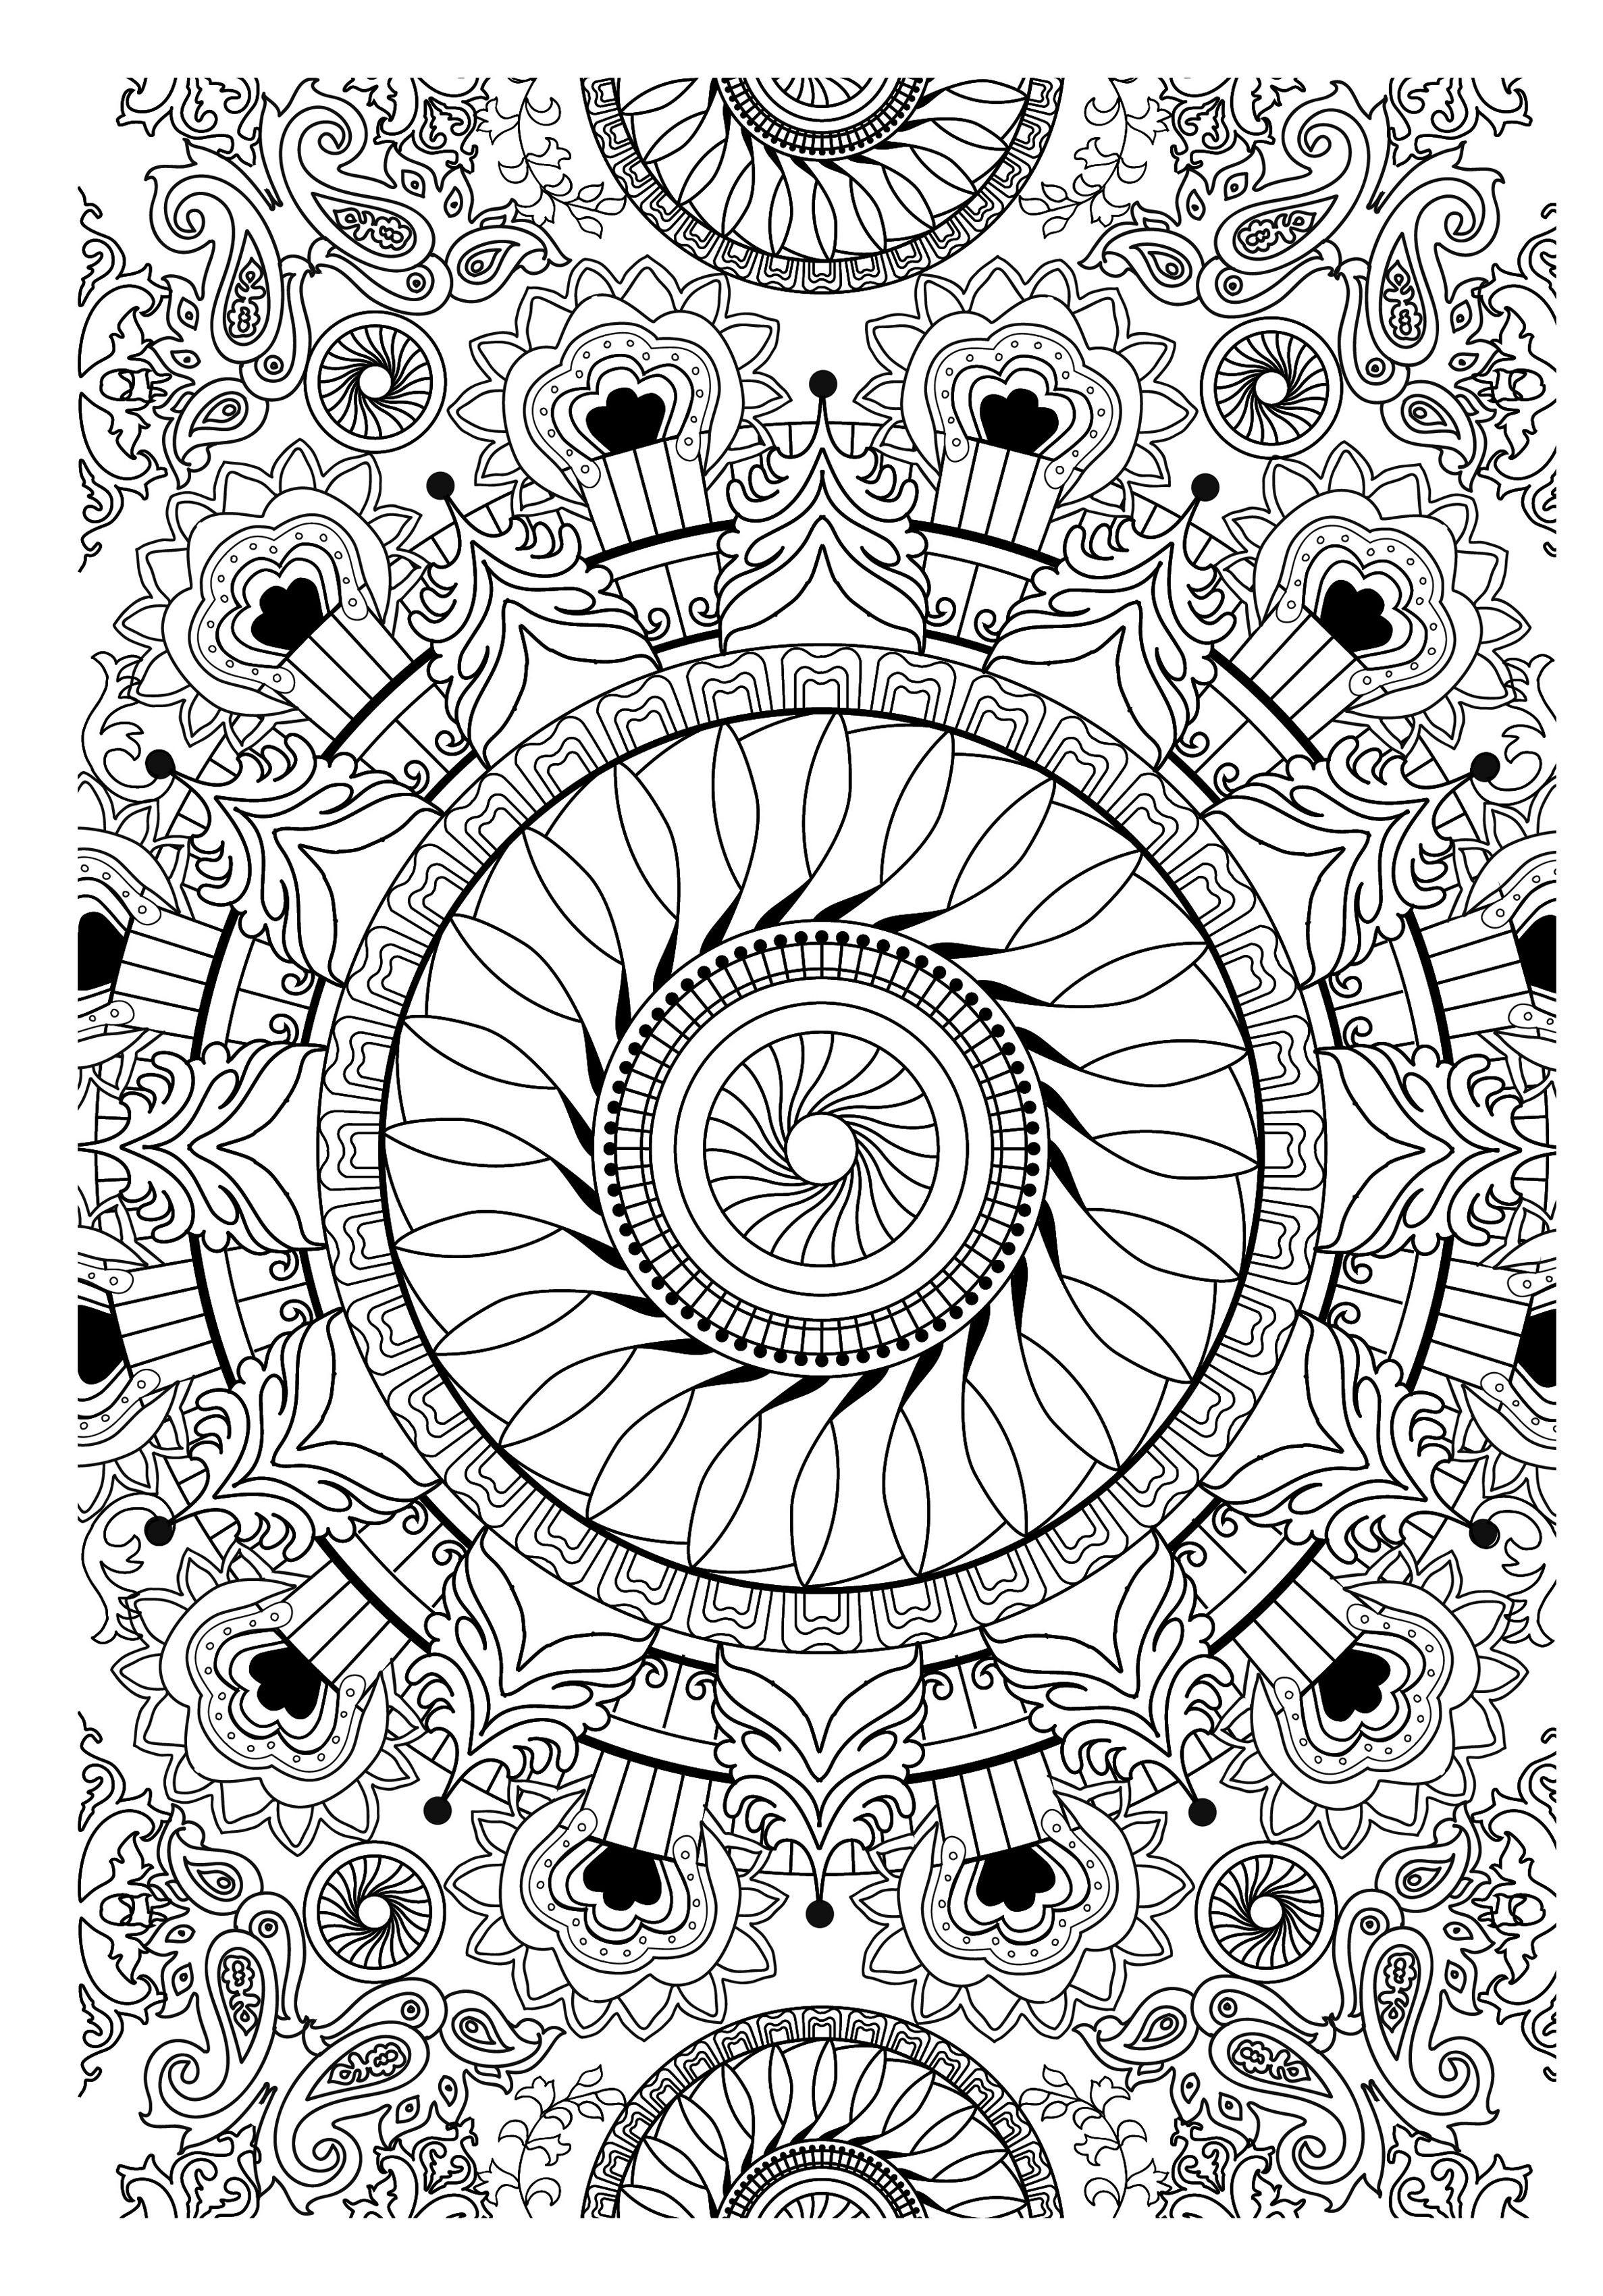 Colorear para adultos : Mandalas - 31 - Esta imagen contiene : Flor ...